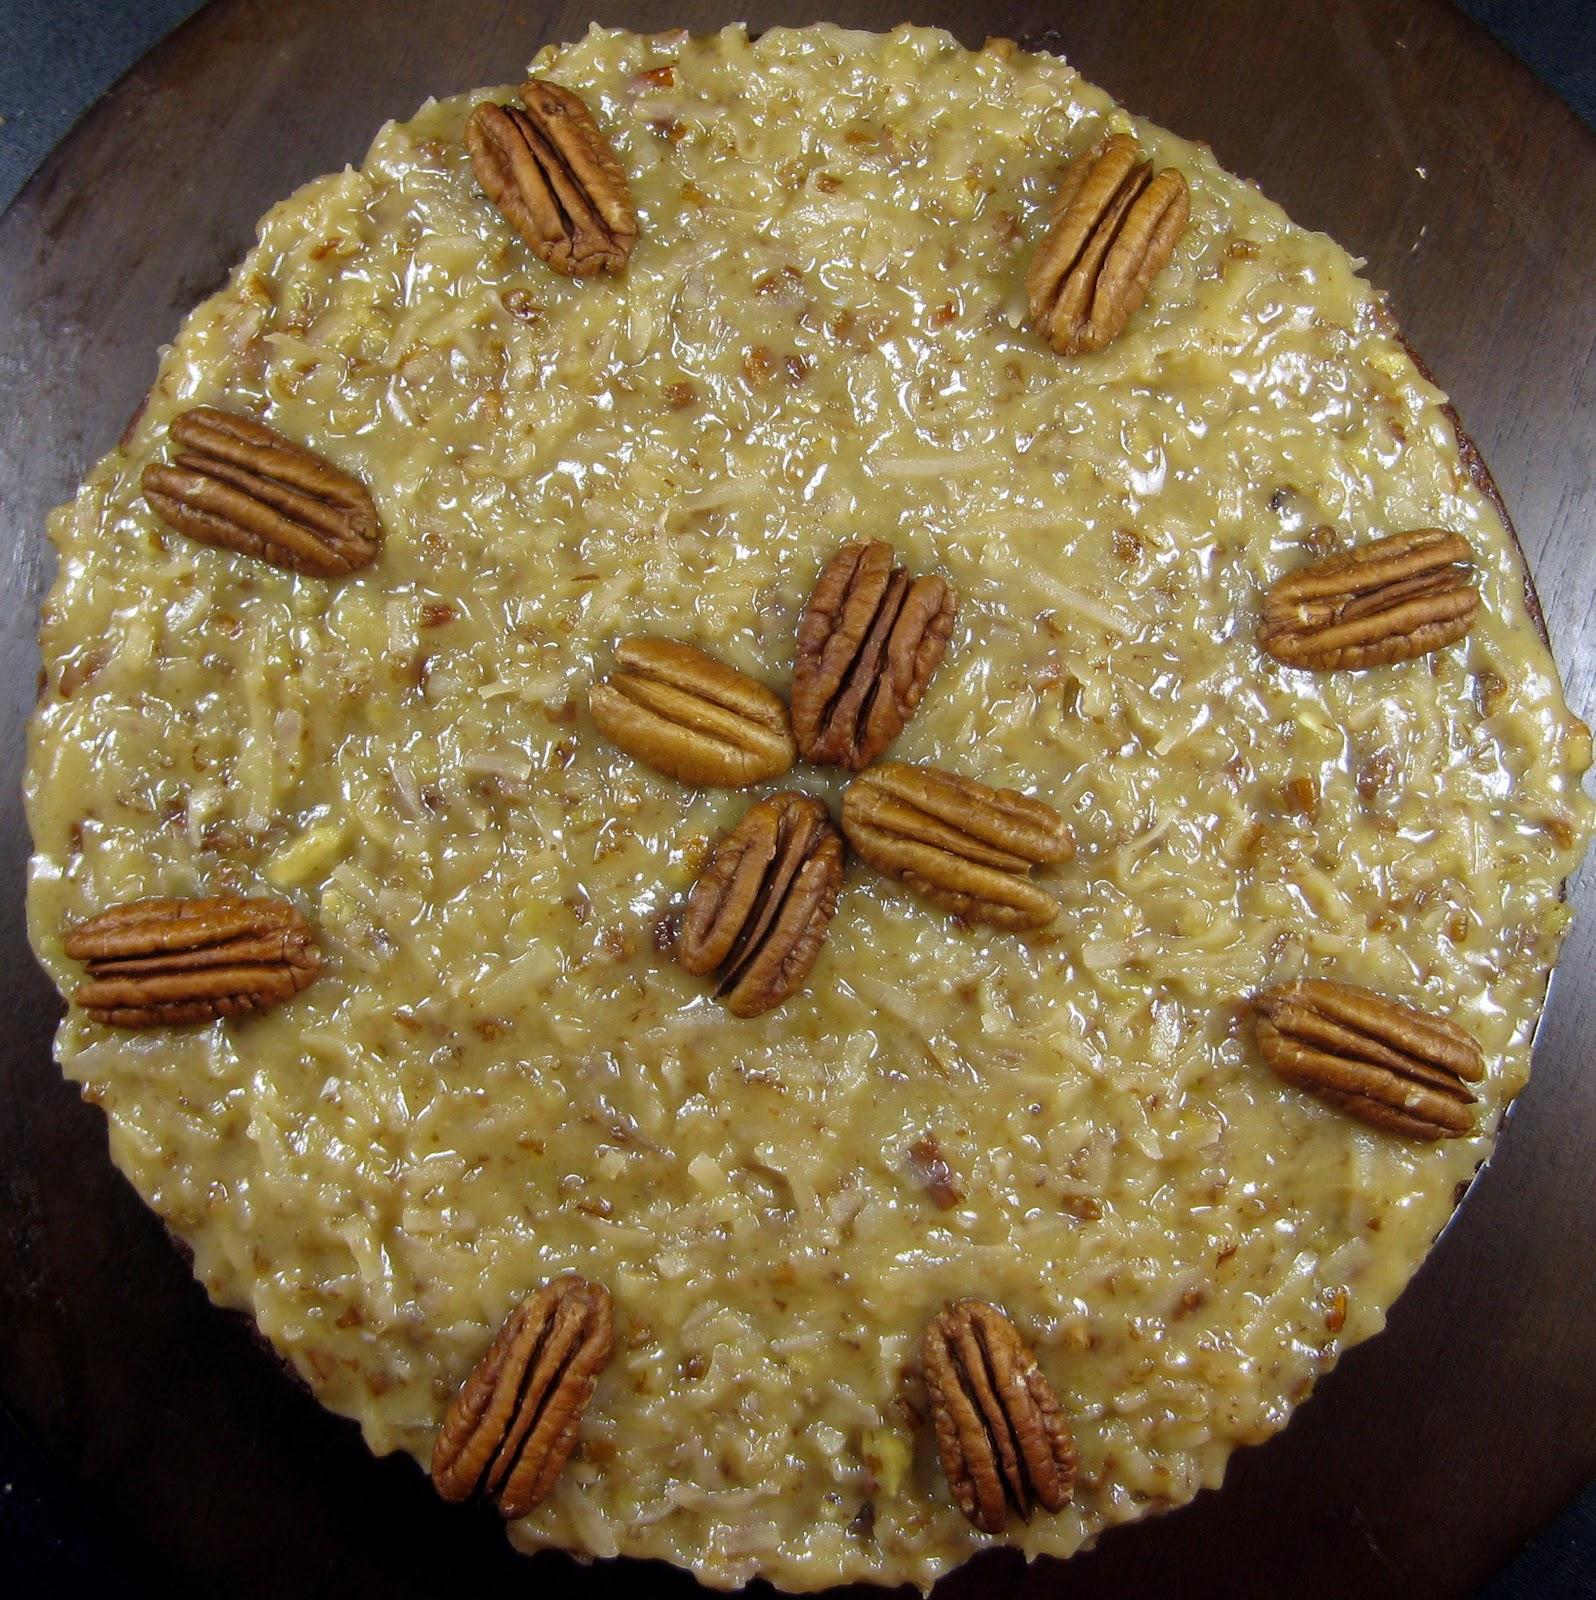 Decorated German Chocolate Cake Karis Kitchen A Vegetarian Food Blog 2 Layer German Chocolate Cake